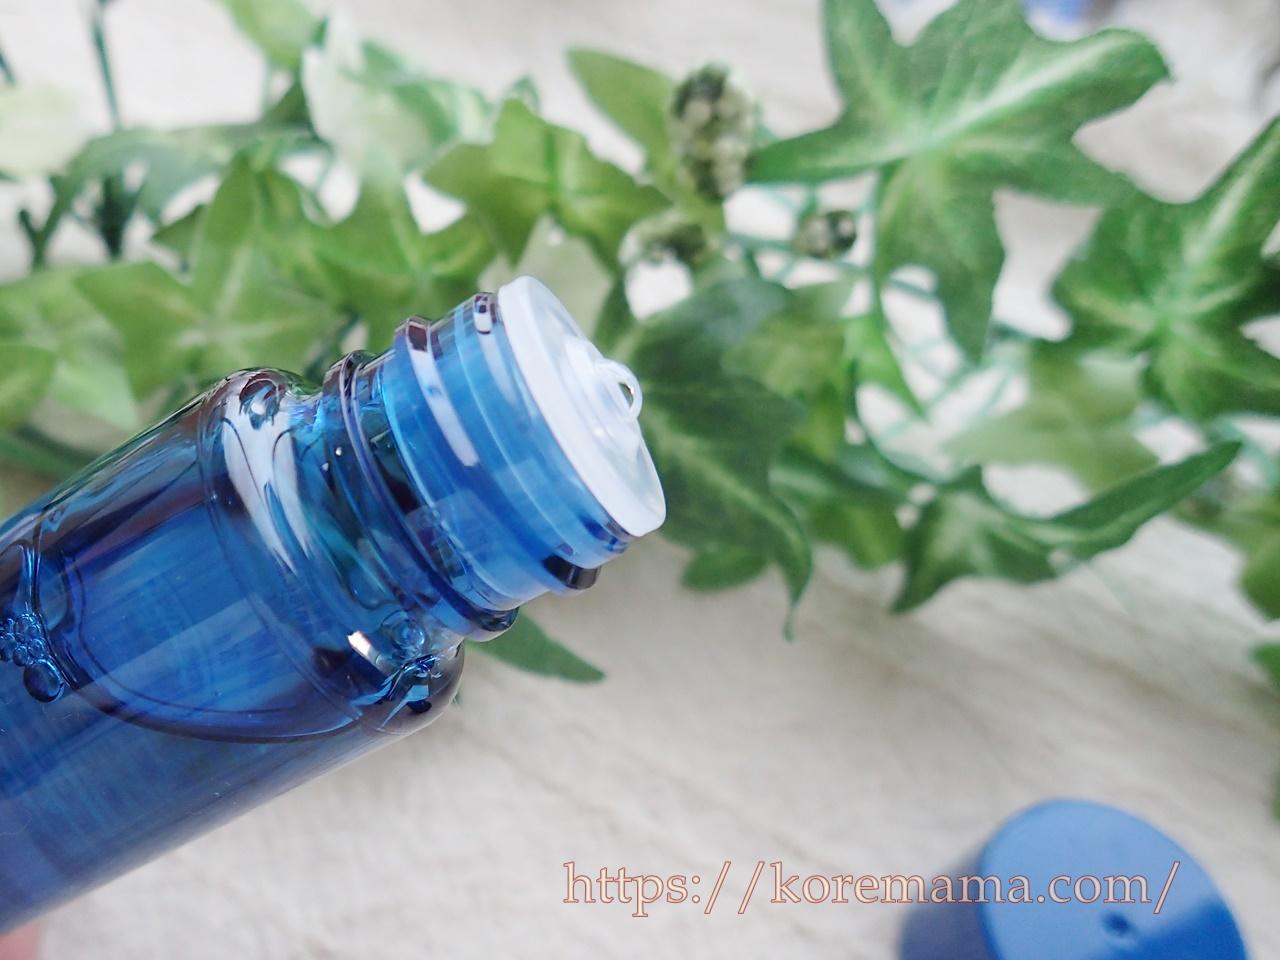 ディセンシア「サエル」薬用美白化粧水の口コミ